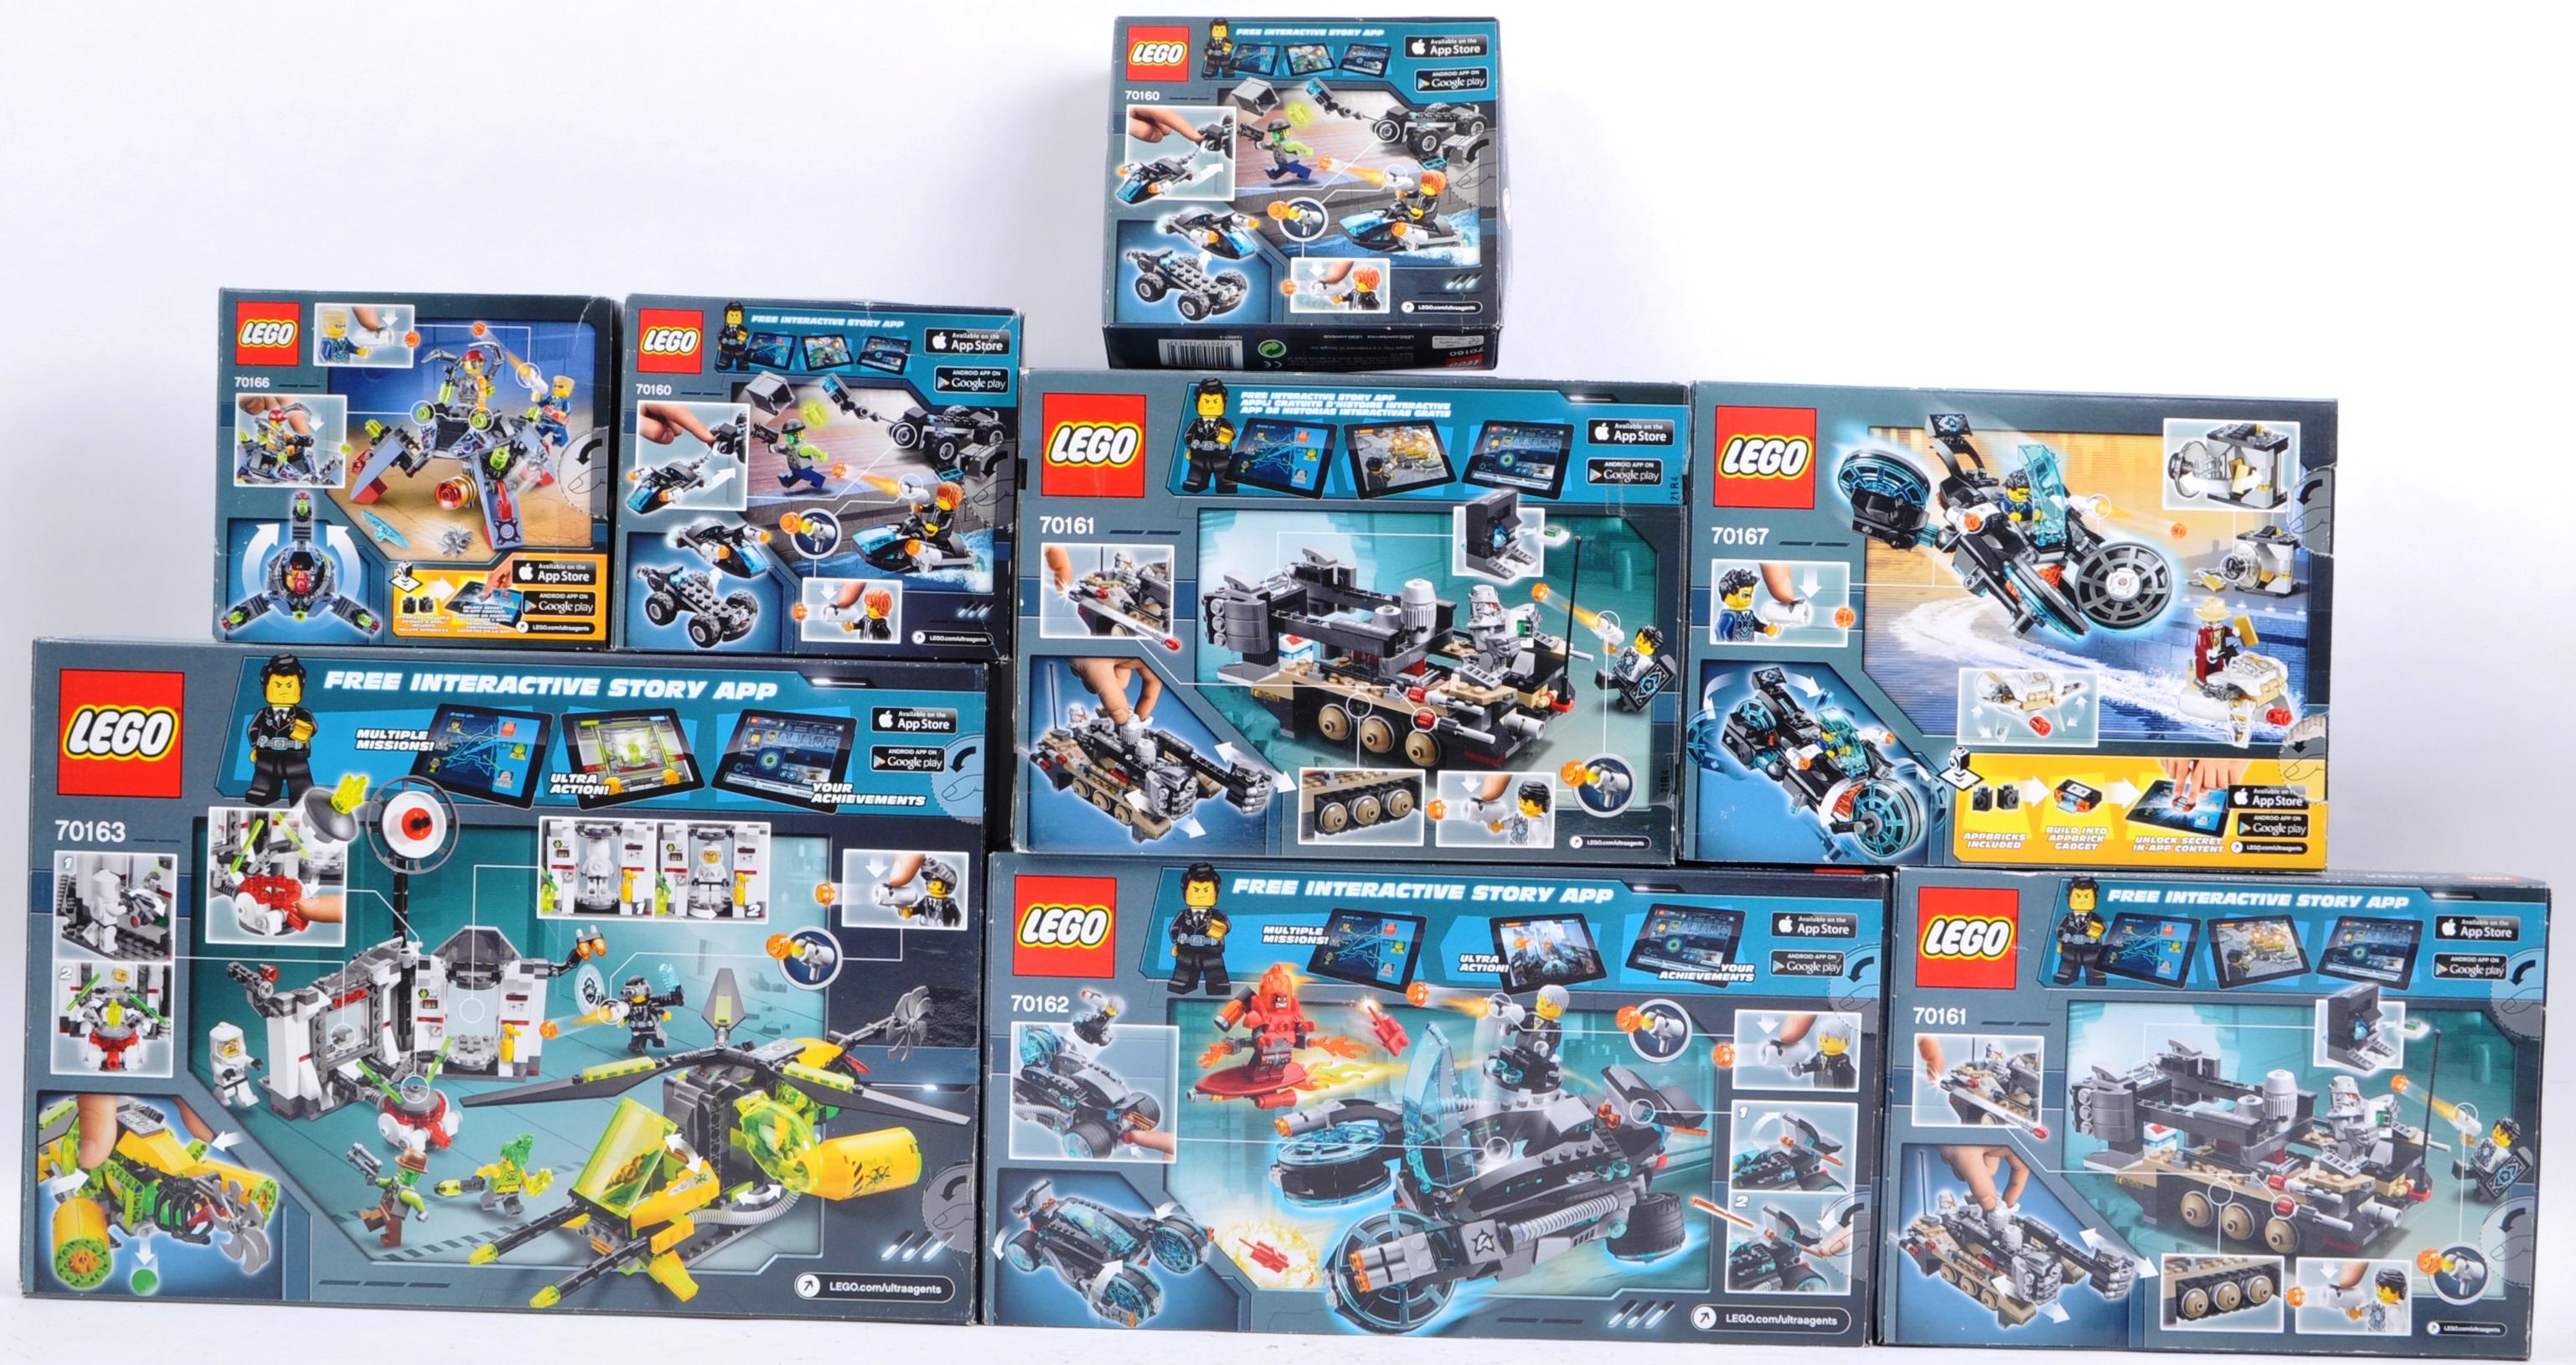 LEGO SETS - LEGO ULTRA AGENTS - Image 5 of 6